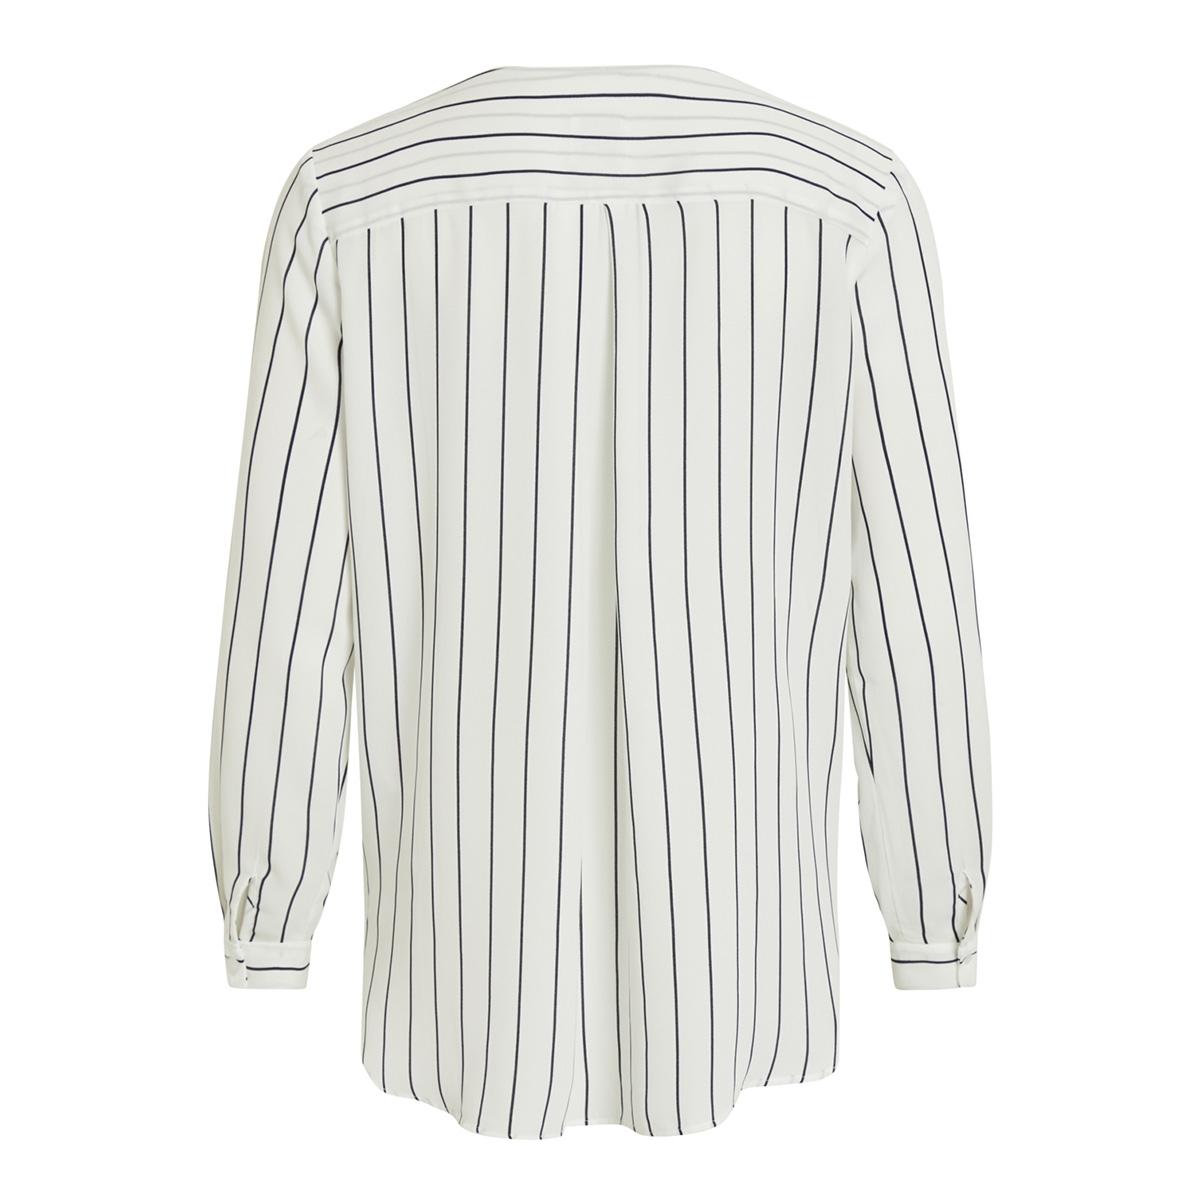 vilucy l/s shirt - noos 14044253 vila blouse snow white/total eclipse